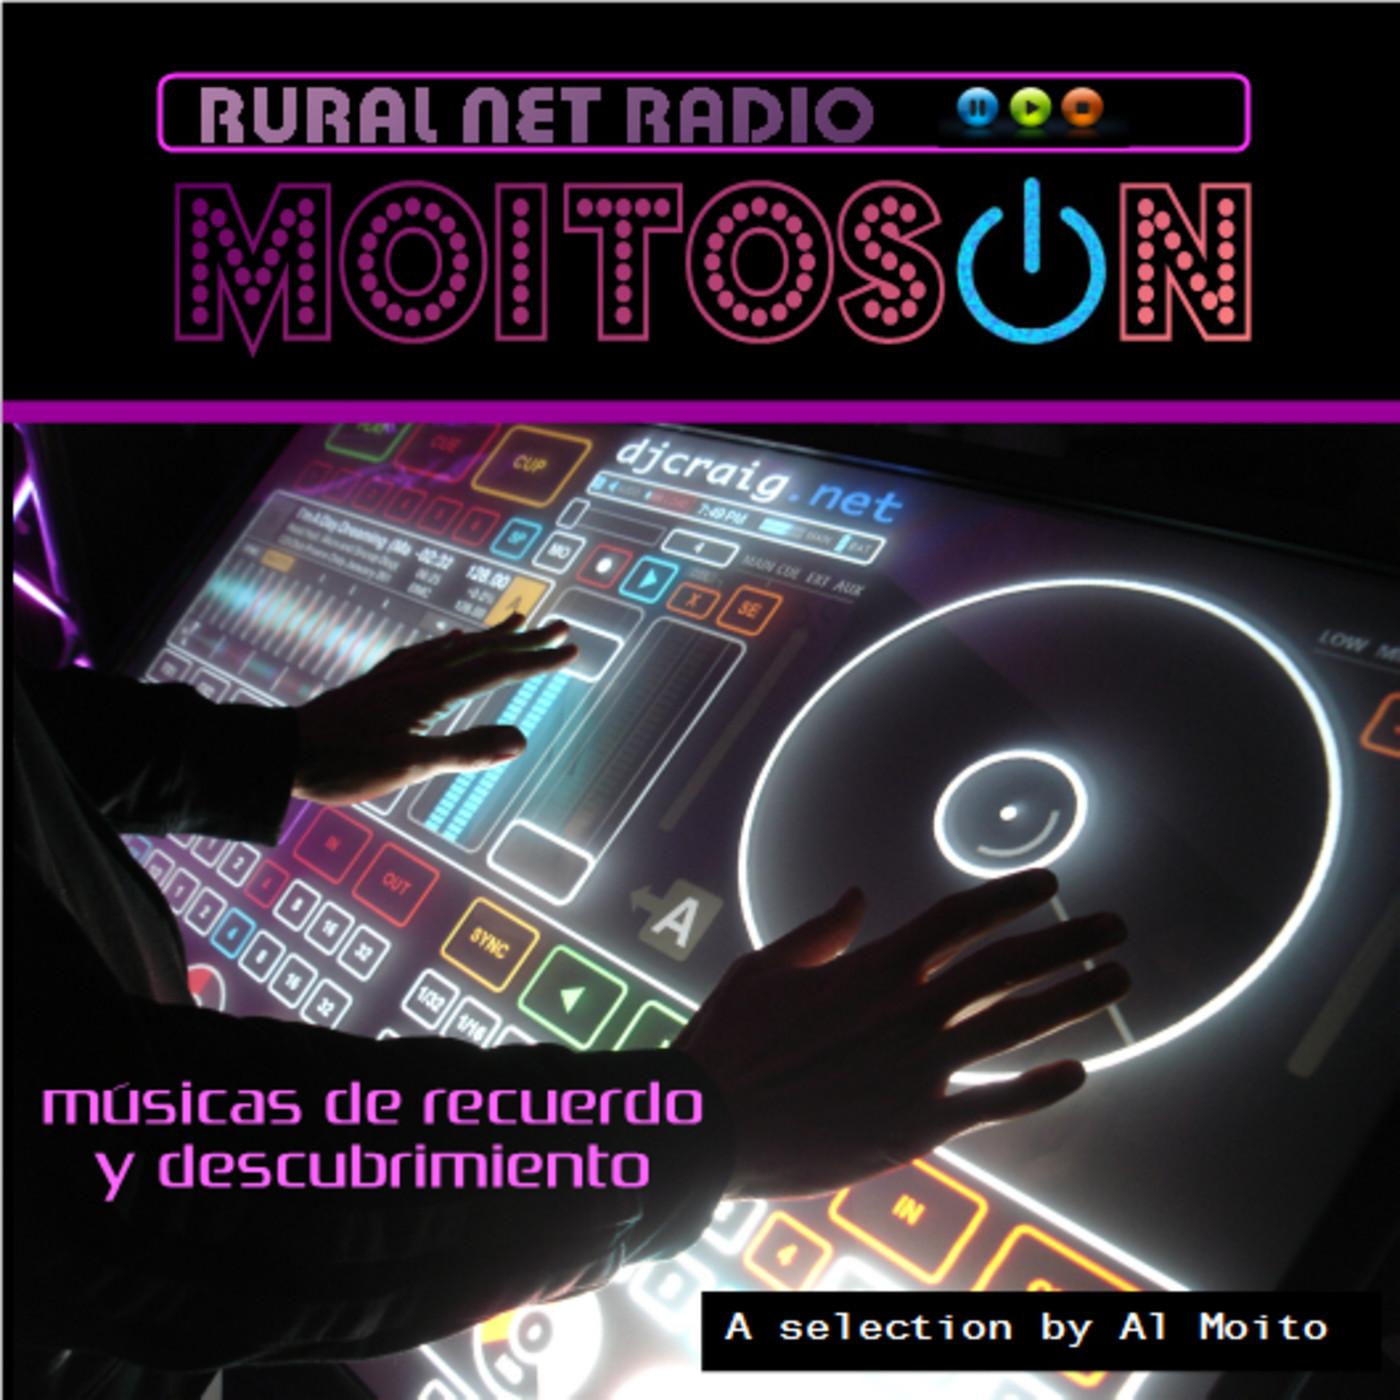 MOITOSON Rural Net Radio